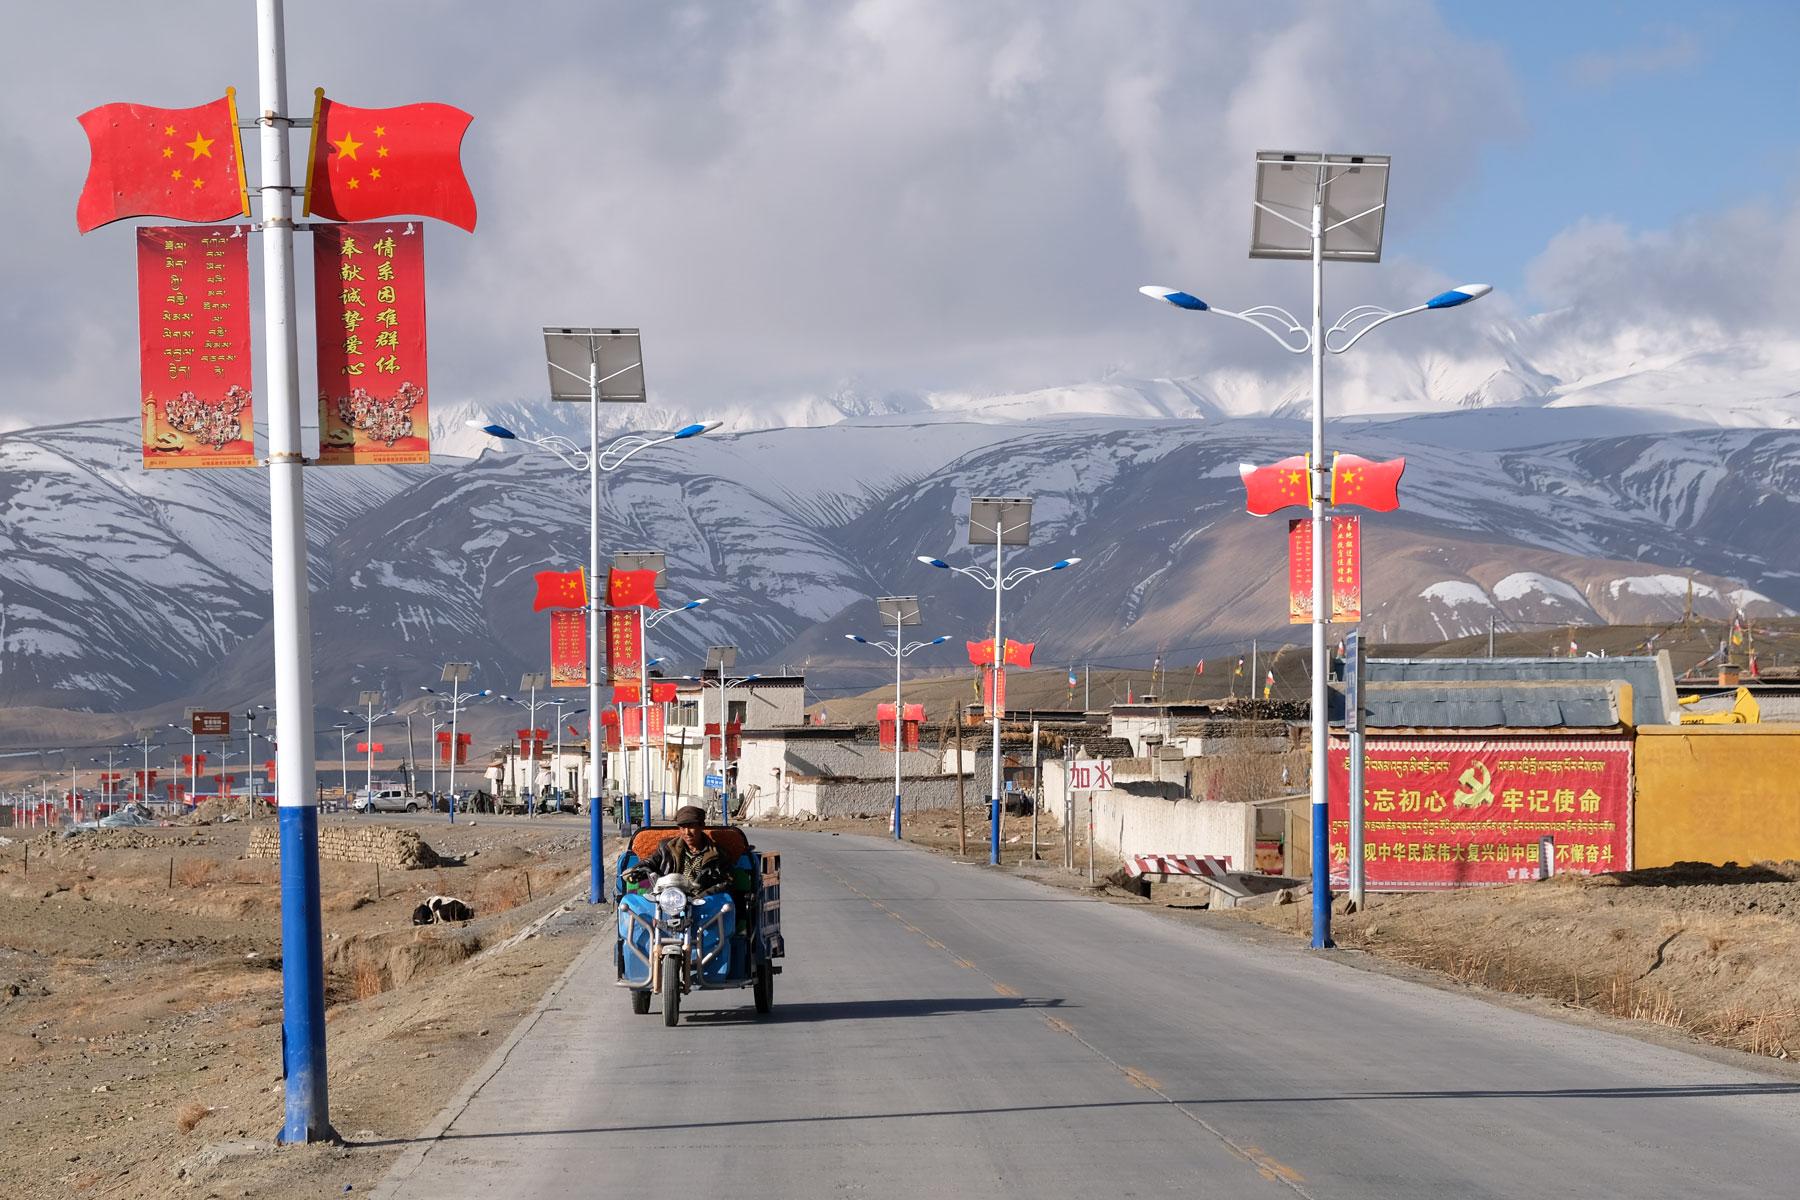 Ein Mann fährt mit seinem elektrischen Dreirad über eine Straße in Tibet, rechts und links von ihm chinesische Flaggen.